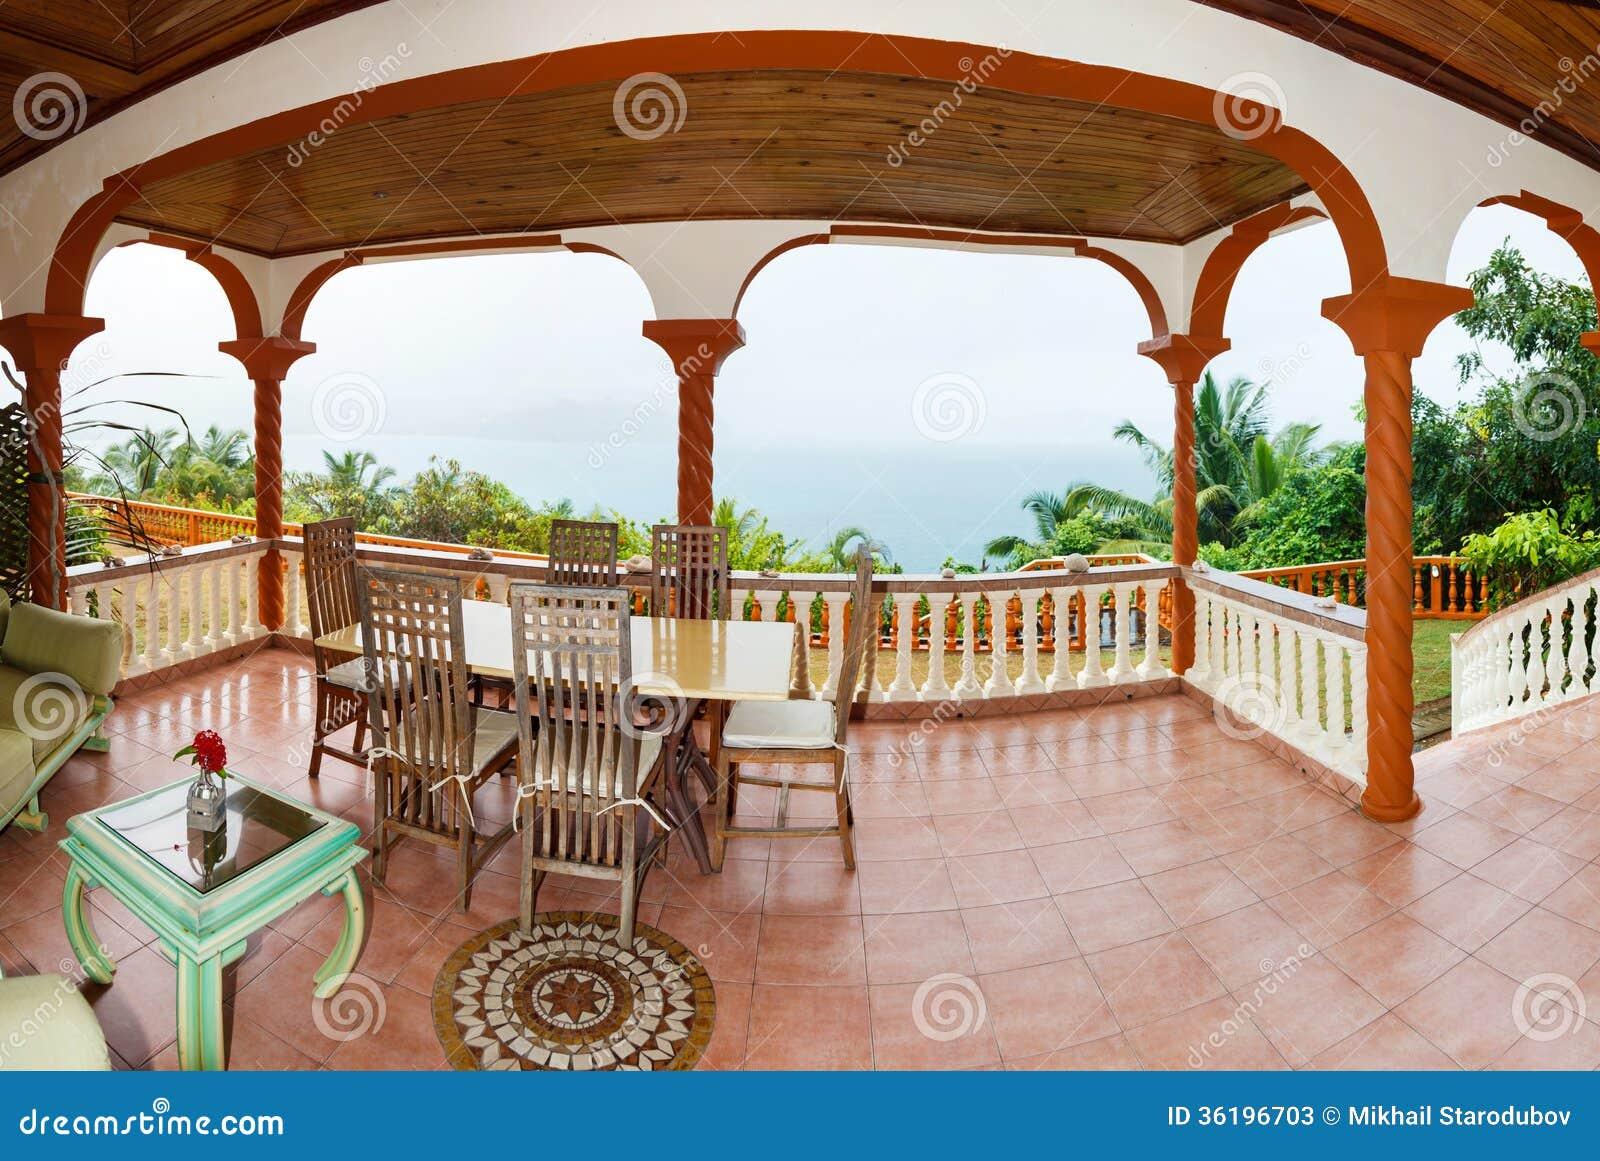 Terraza En El Estilo Colonial Imagen De Archivo Imagen De